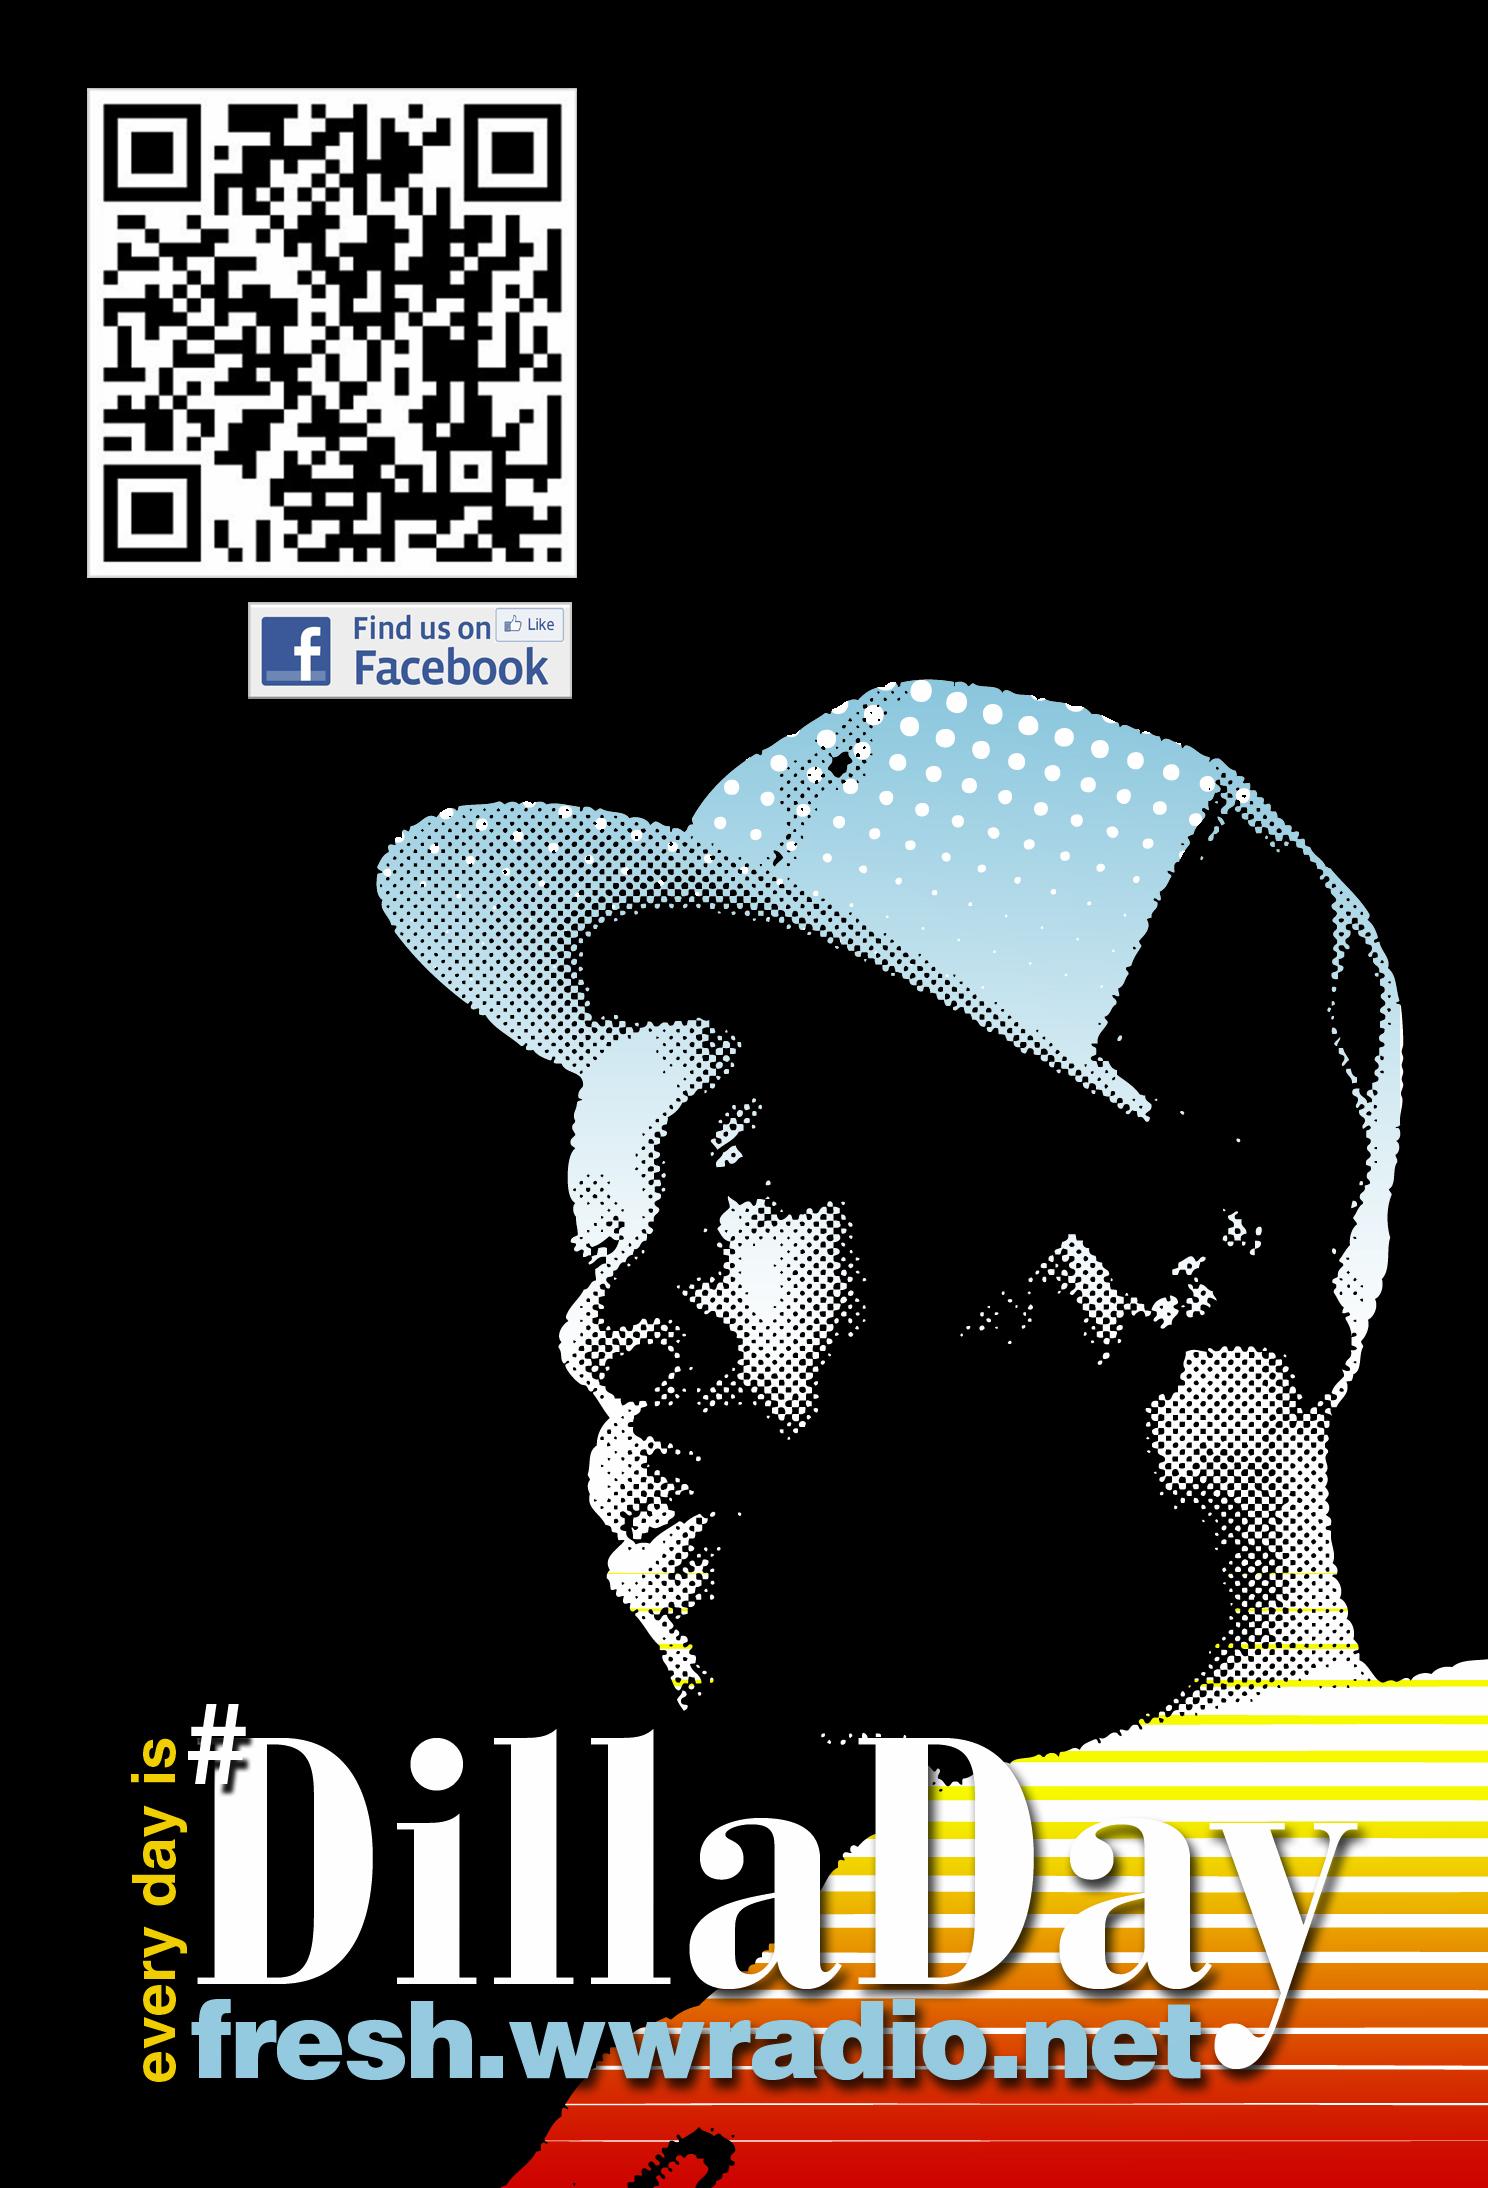 DillaFly